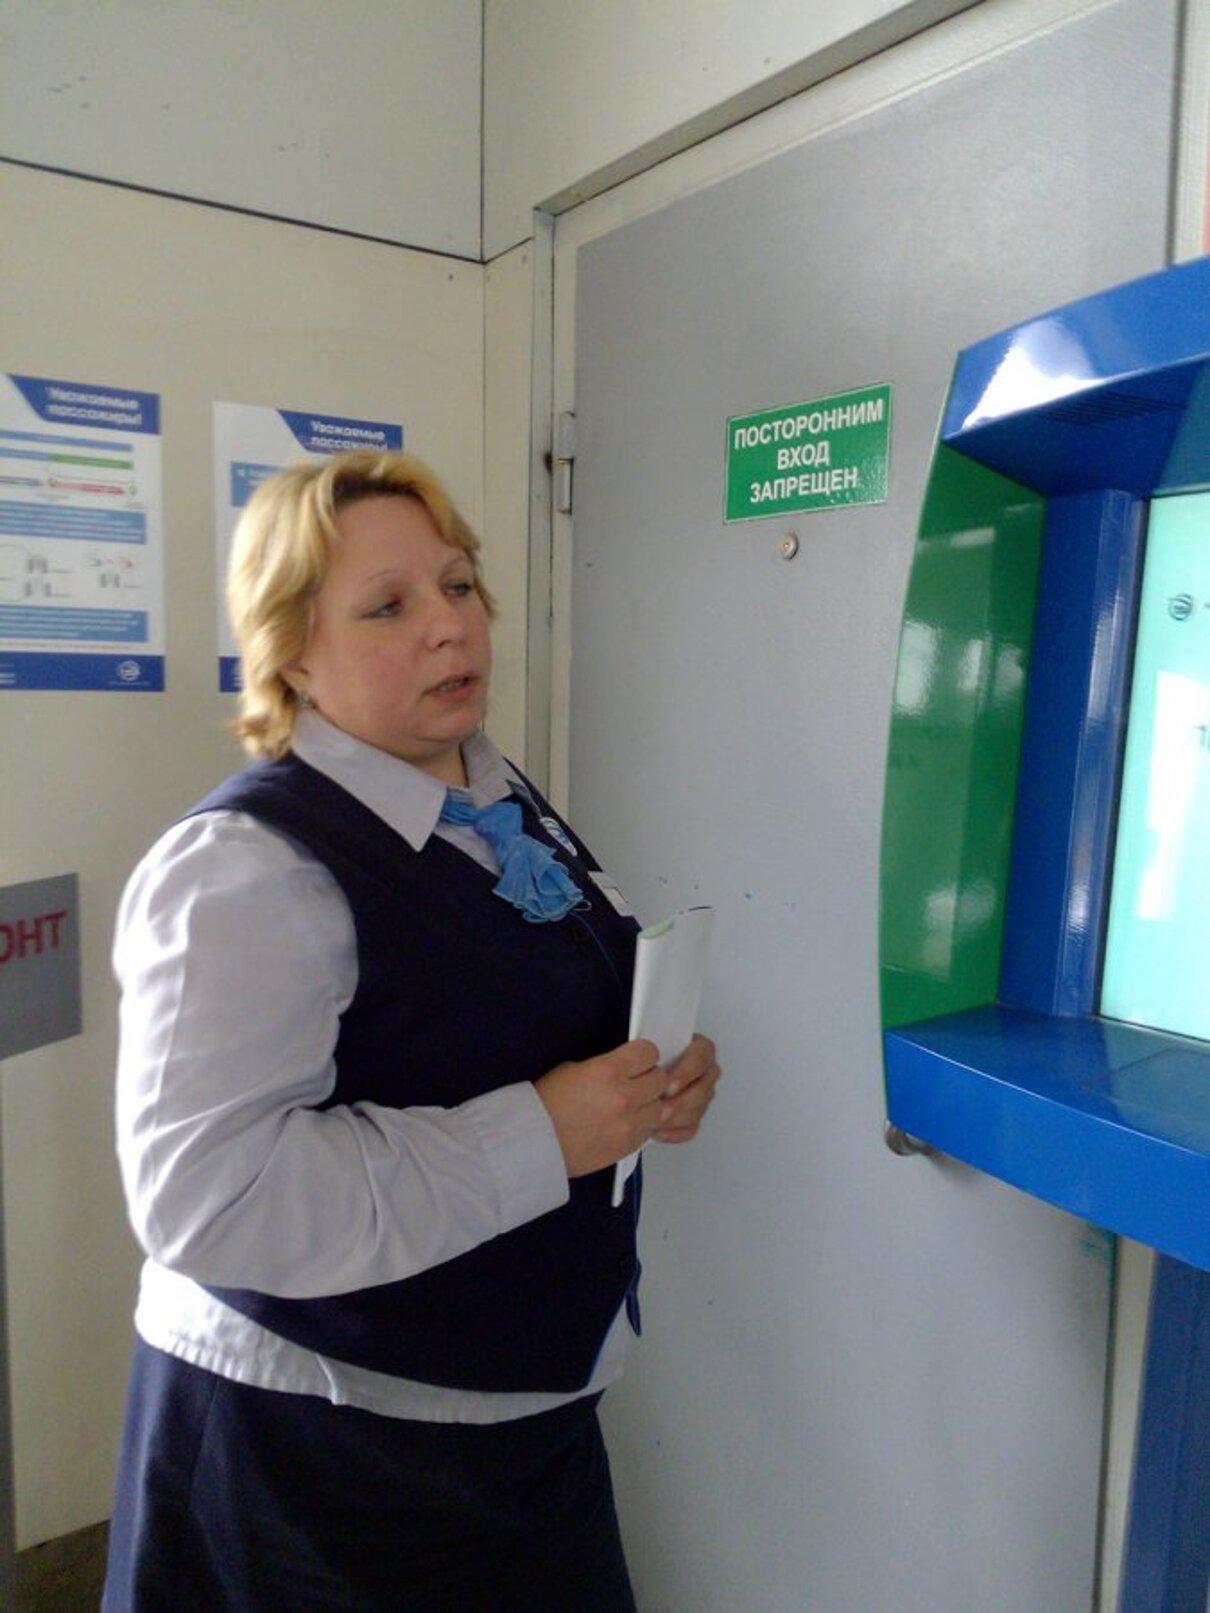 Жалоба-отзыв: РЖД, Павелецкое направление - Отсутствие необходимой информации пассажиров.  Фото №1